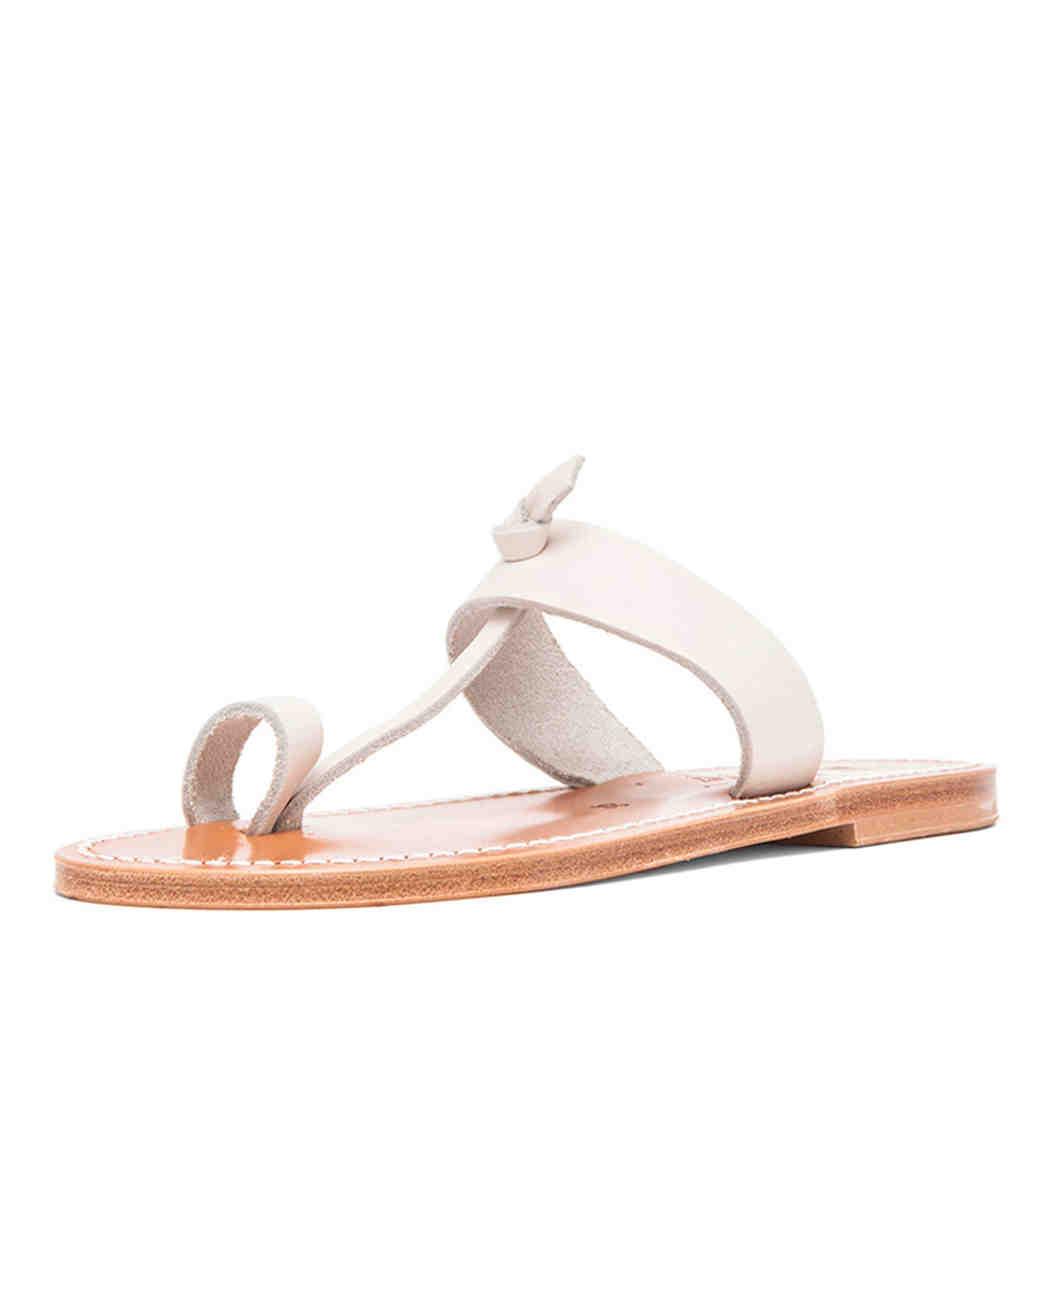 summer-wedding-shoes-k-jacques-ganges-flip-flops-0515.jpg